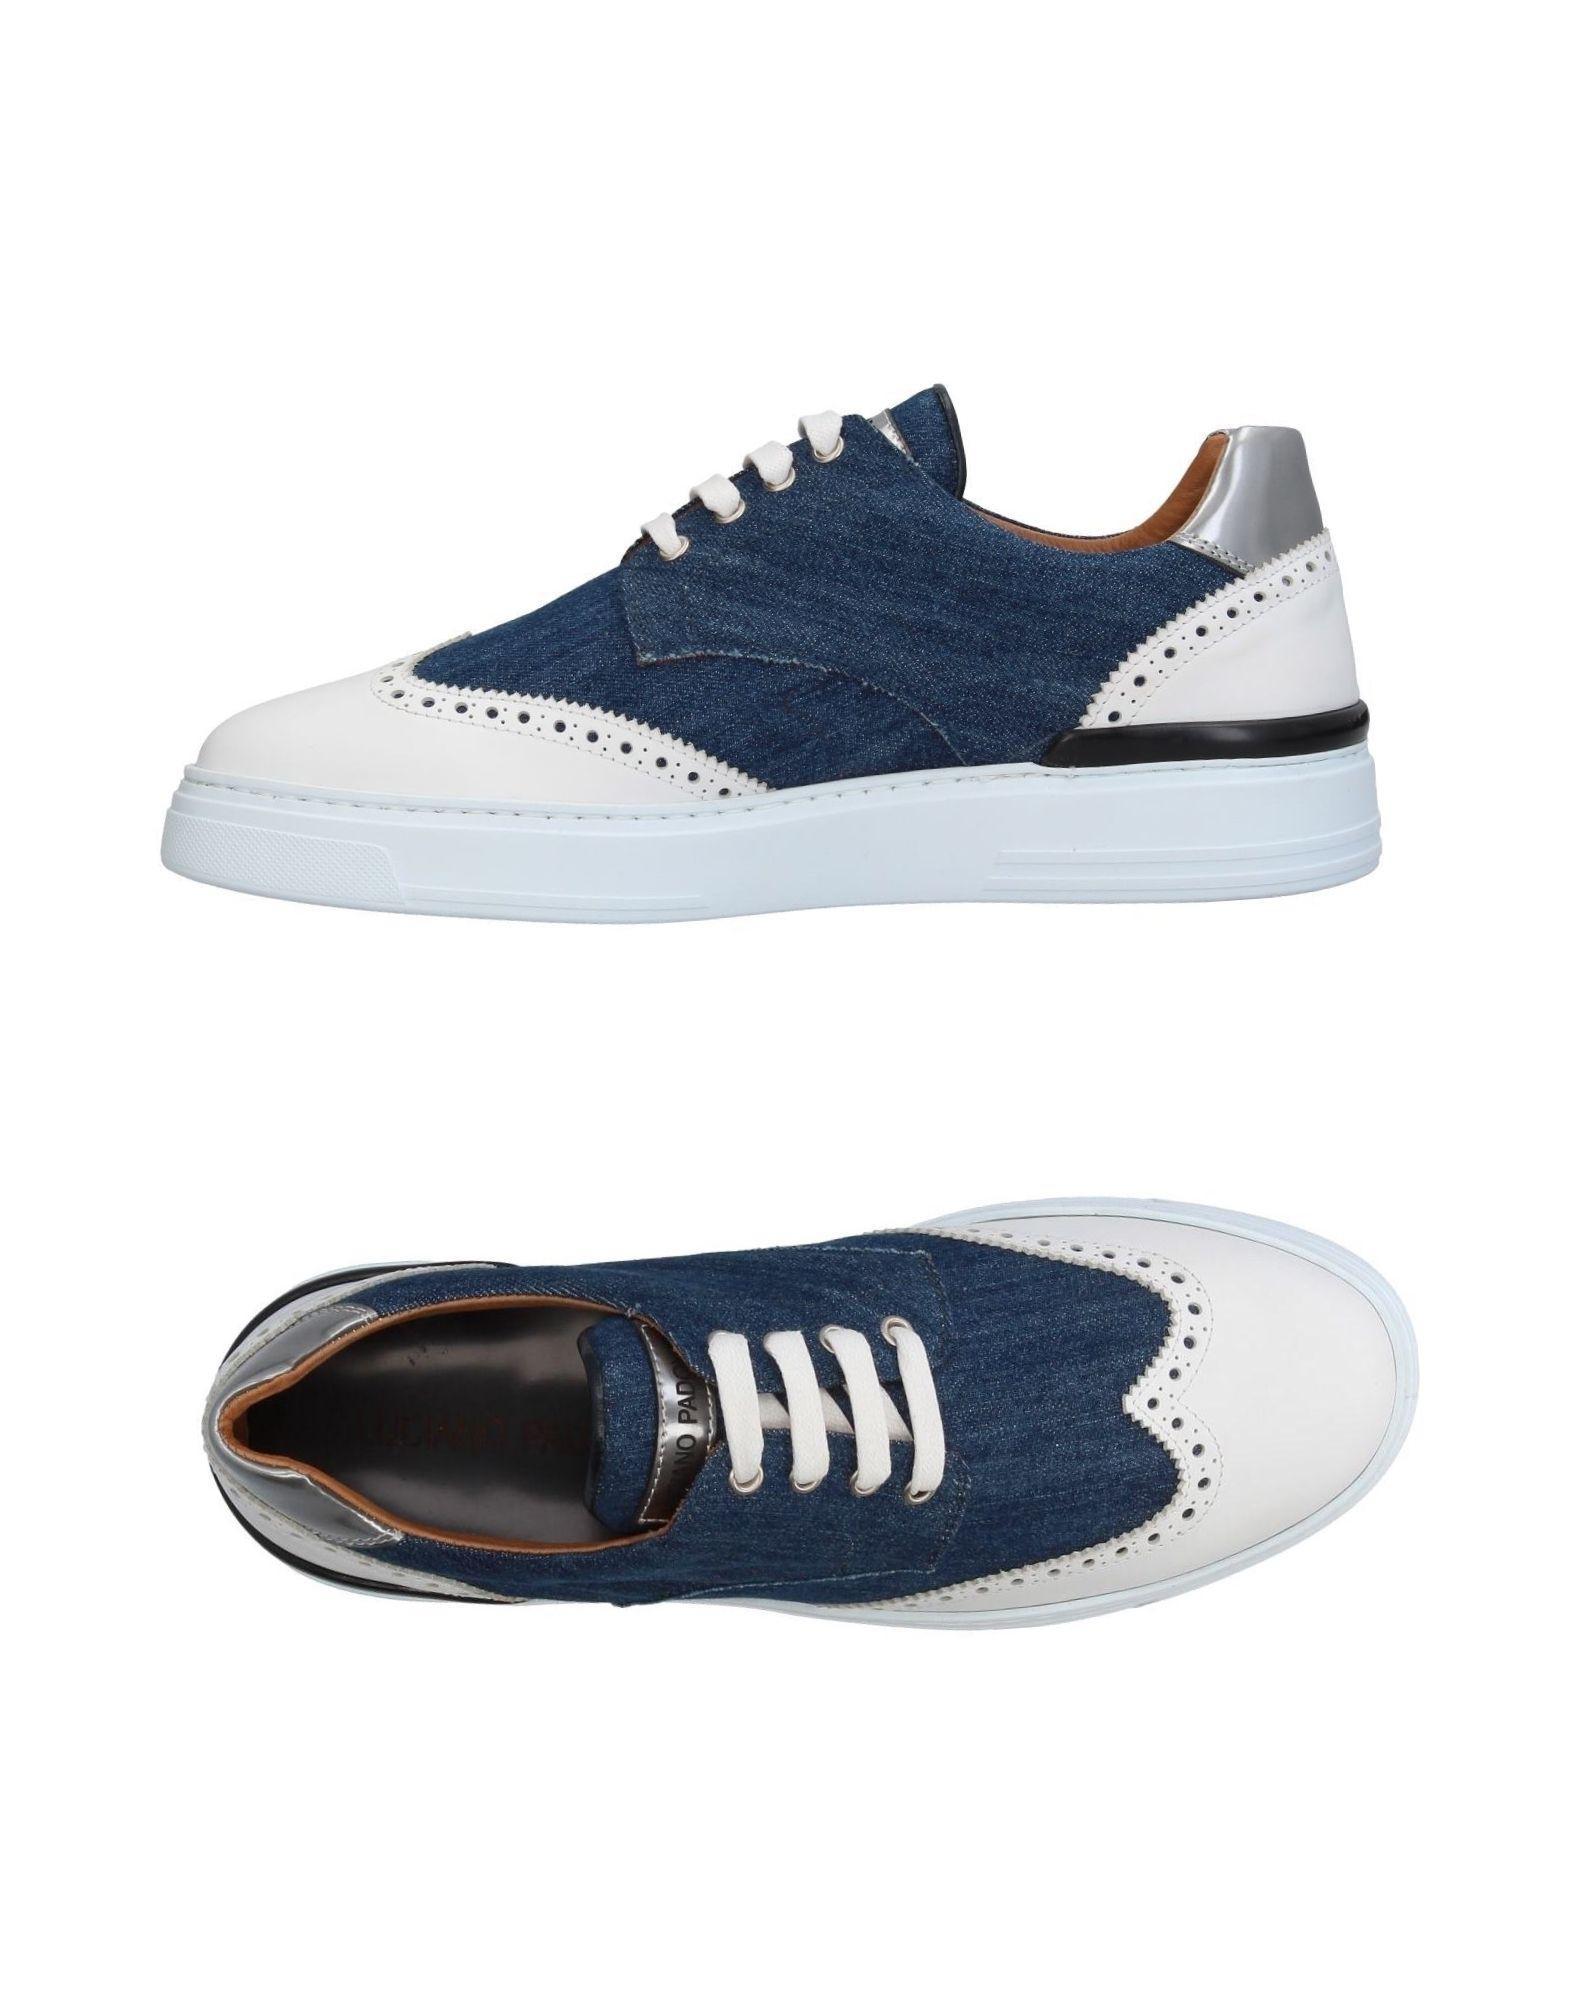 FOOTWEAR - Low-tops & sneakers Luciano Padovan gKwemJE